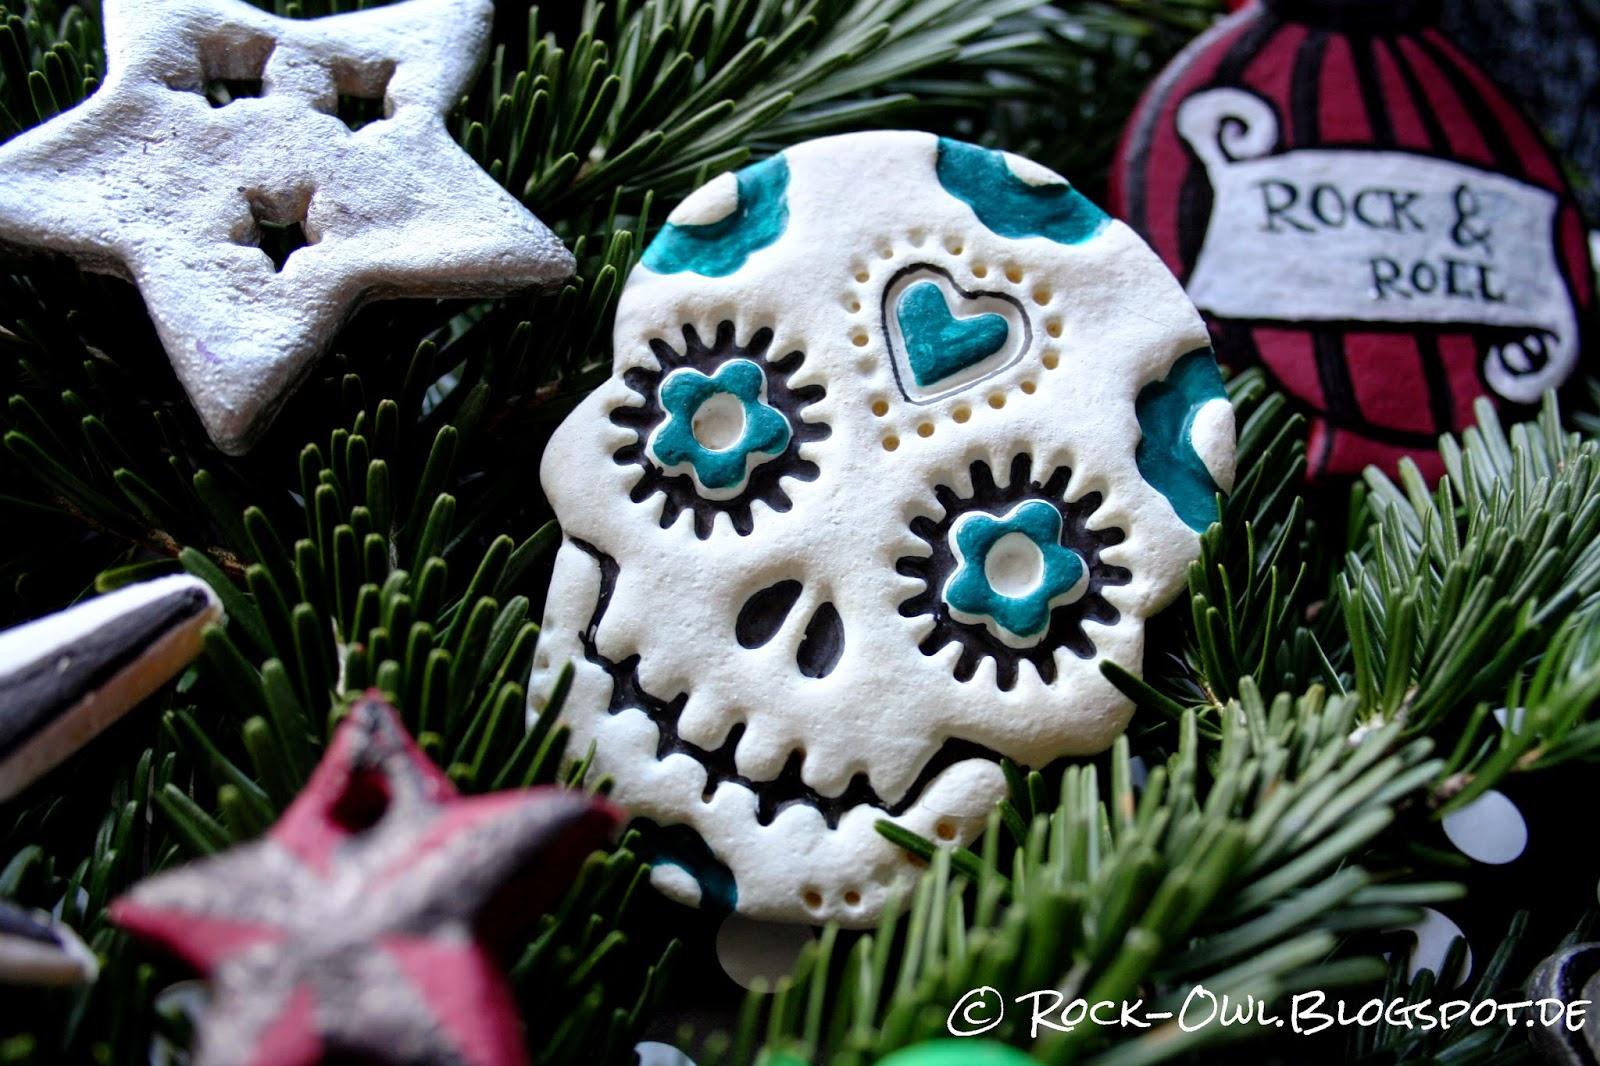 Rock and owl blog rockabilly christbaumschmuck for Christbaumschmuck selber machen kinder